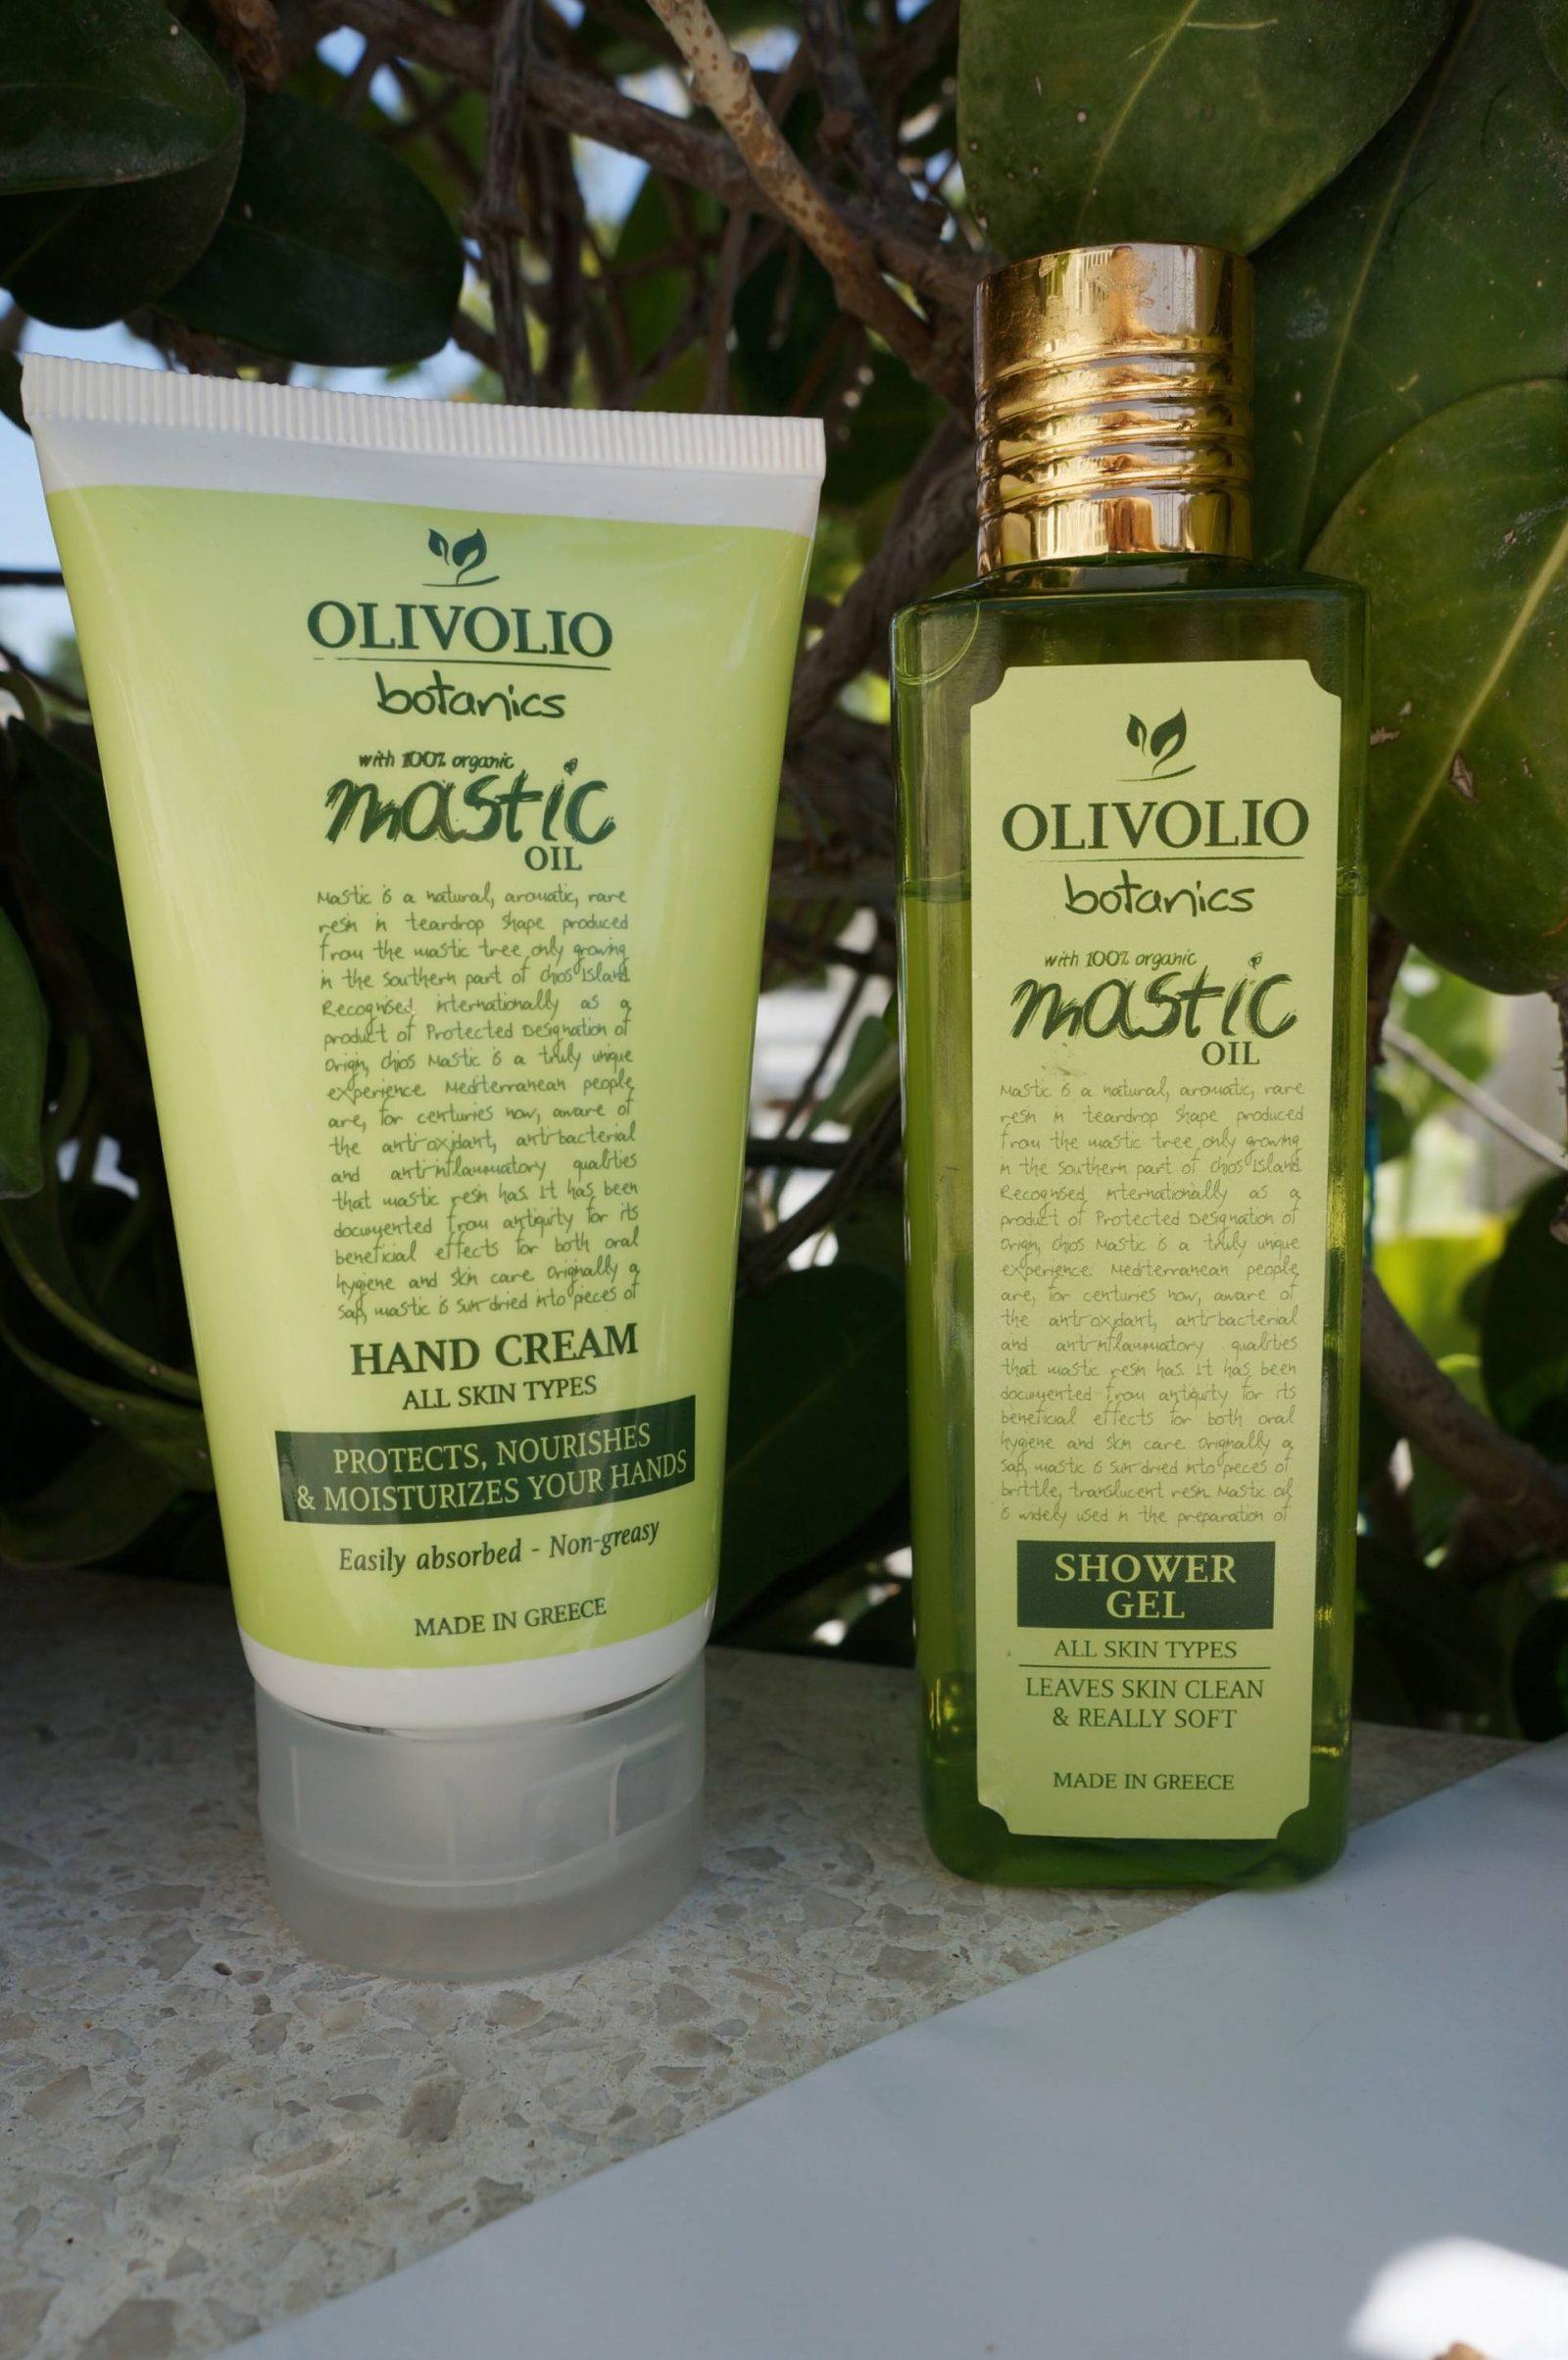 Olivolio mastic oil